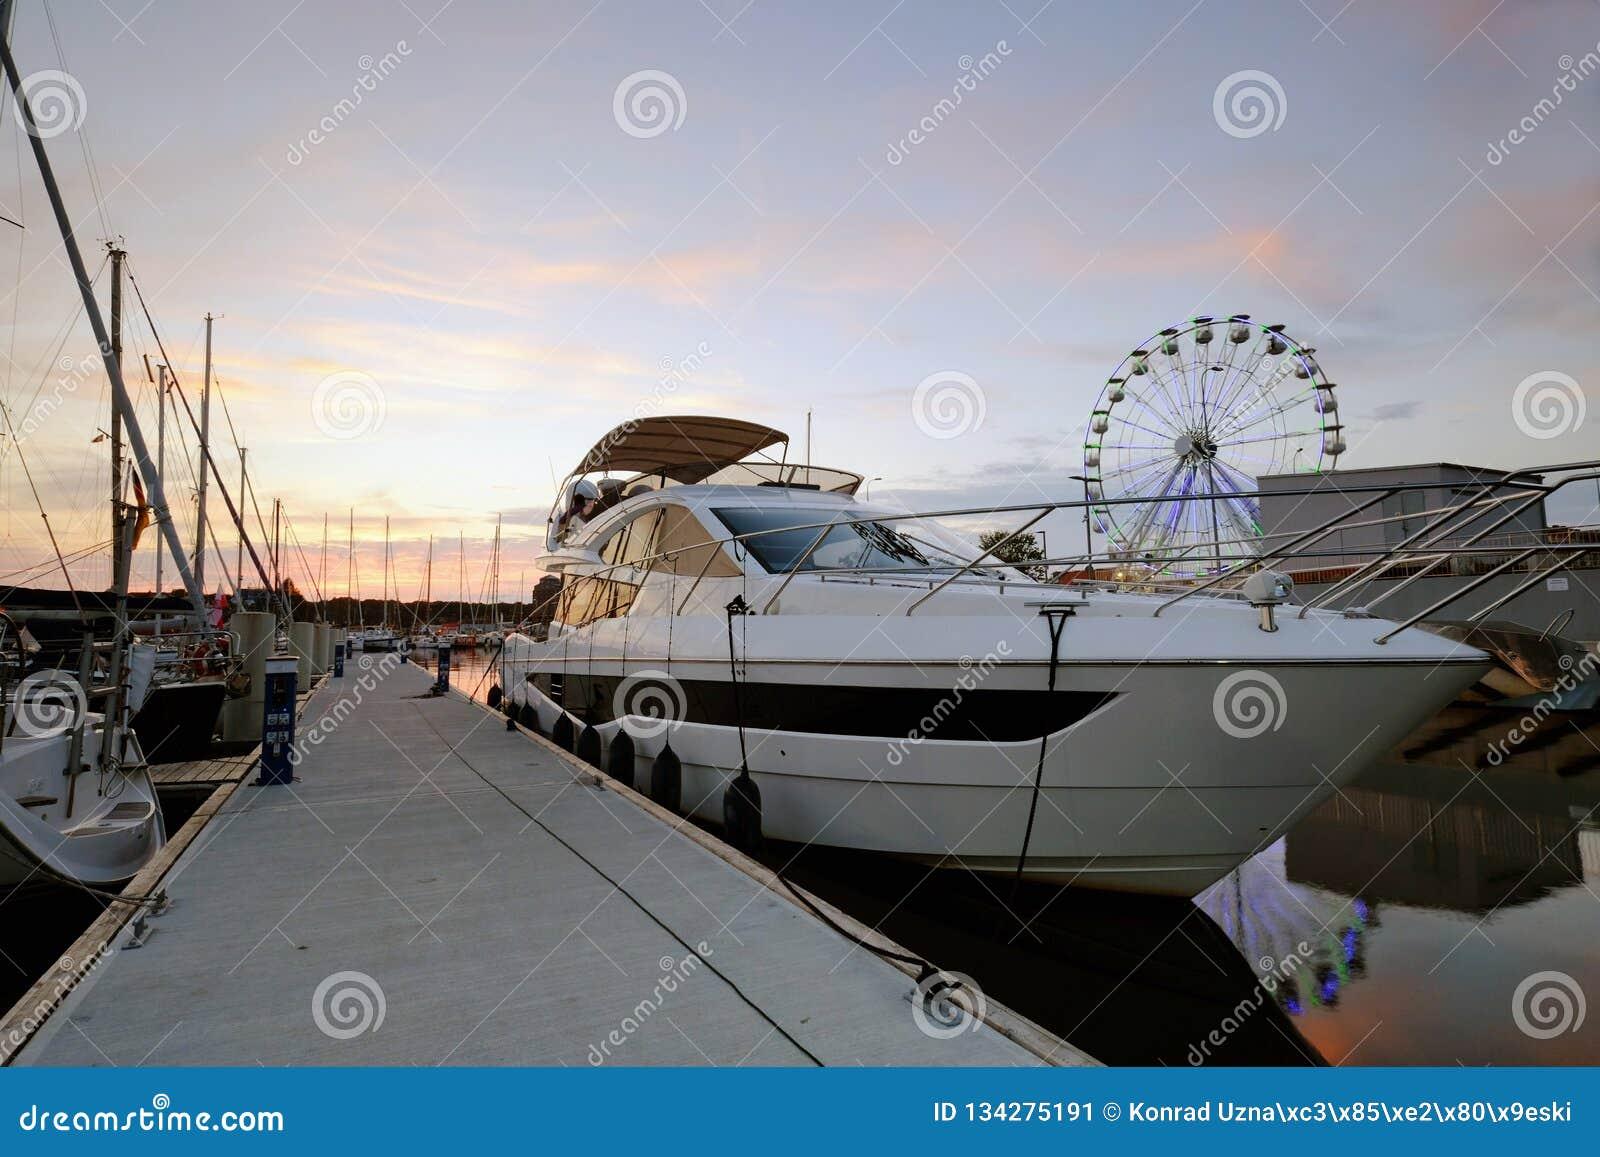 Βάρκα μηχανών που δένεται στο λιμάνι γιοτ, Kolobrzeg, Πολωνία